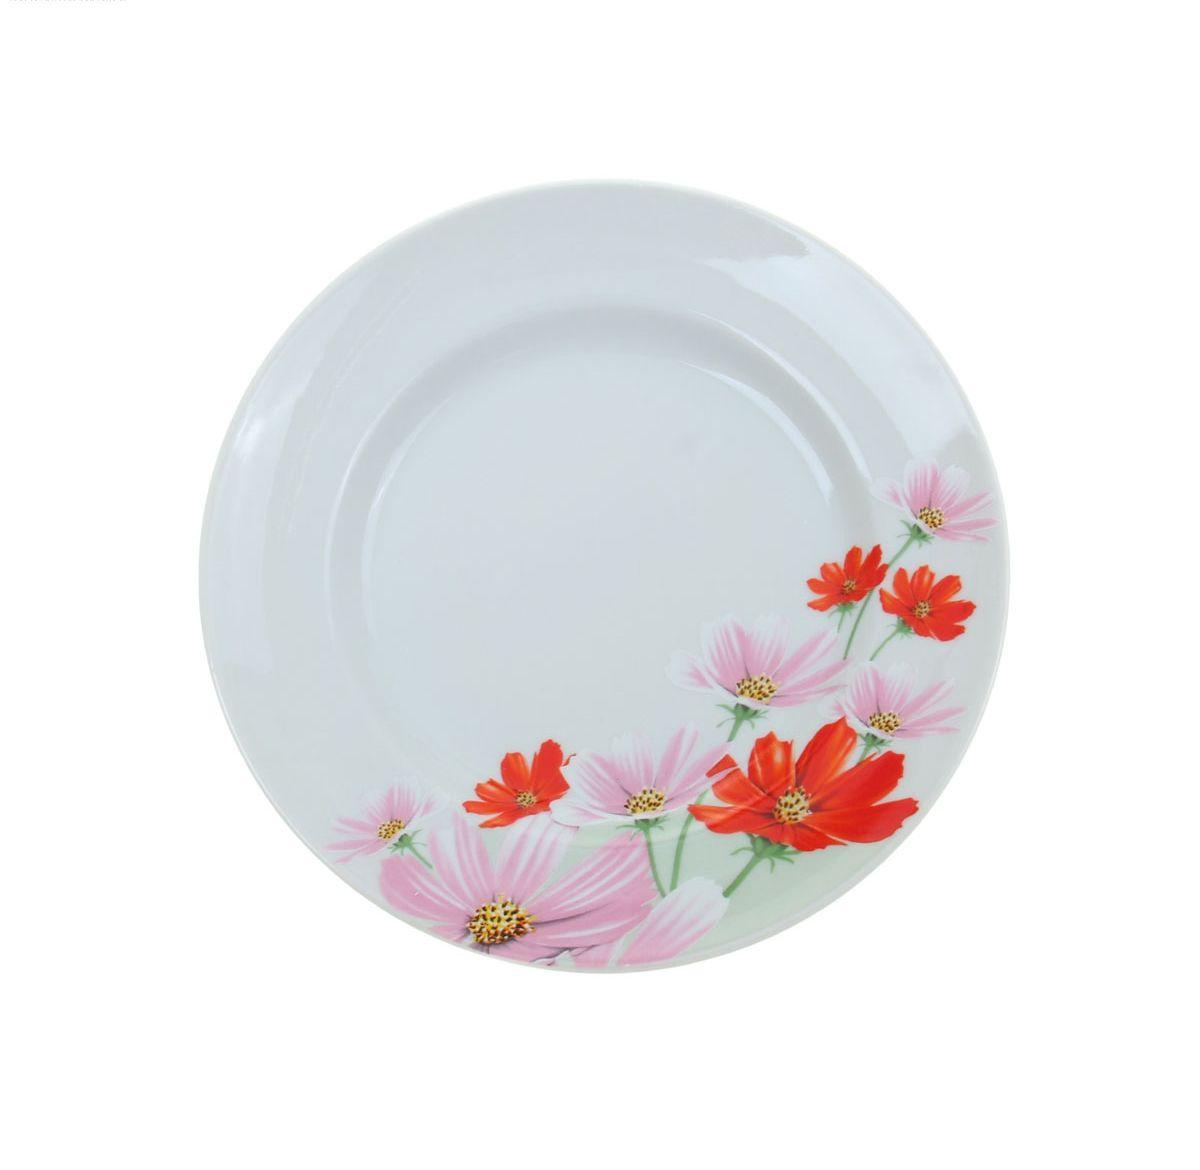 Тарелка мелкая Идиллия. Космея, диаметр 20 см1035461Мелкая тарелка Идиллия. Космея выполнена из высококачественного фарфора и украшена ярким цветочным рисунком. Она прекрасно впишется в интерьер вашей кухни и станет достойным дополнением к кухонному инвентарю. Тарелка Идиллия. Космея подчеркнет прекрасный вкус хозяйки и станет отличным подарком. Диаметр тарелки: 20 см.